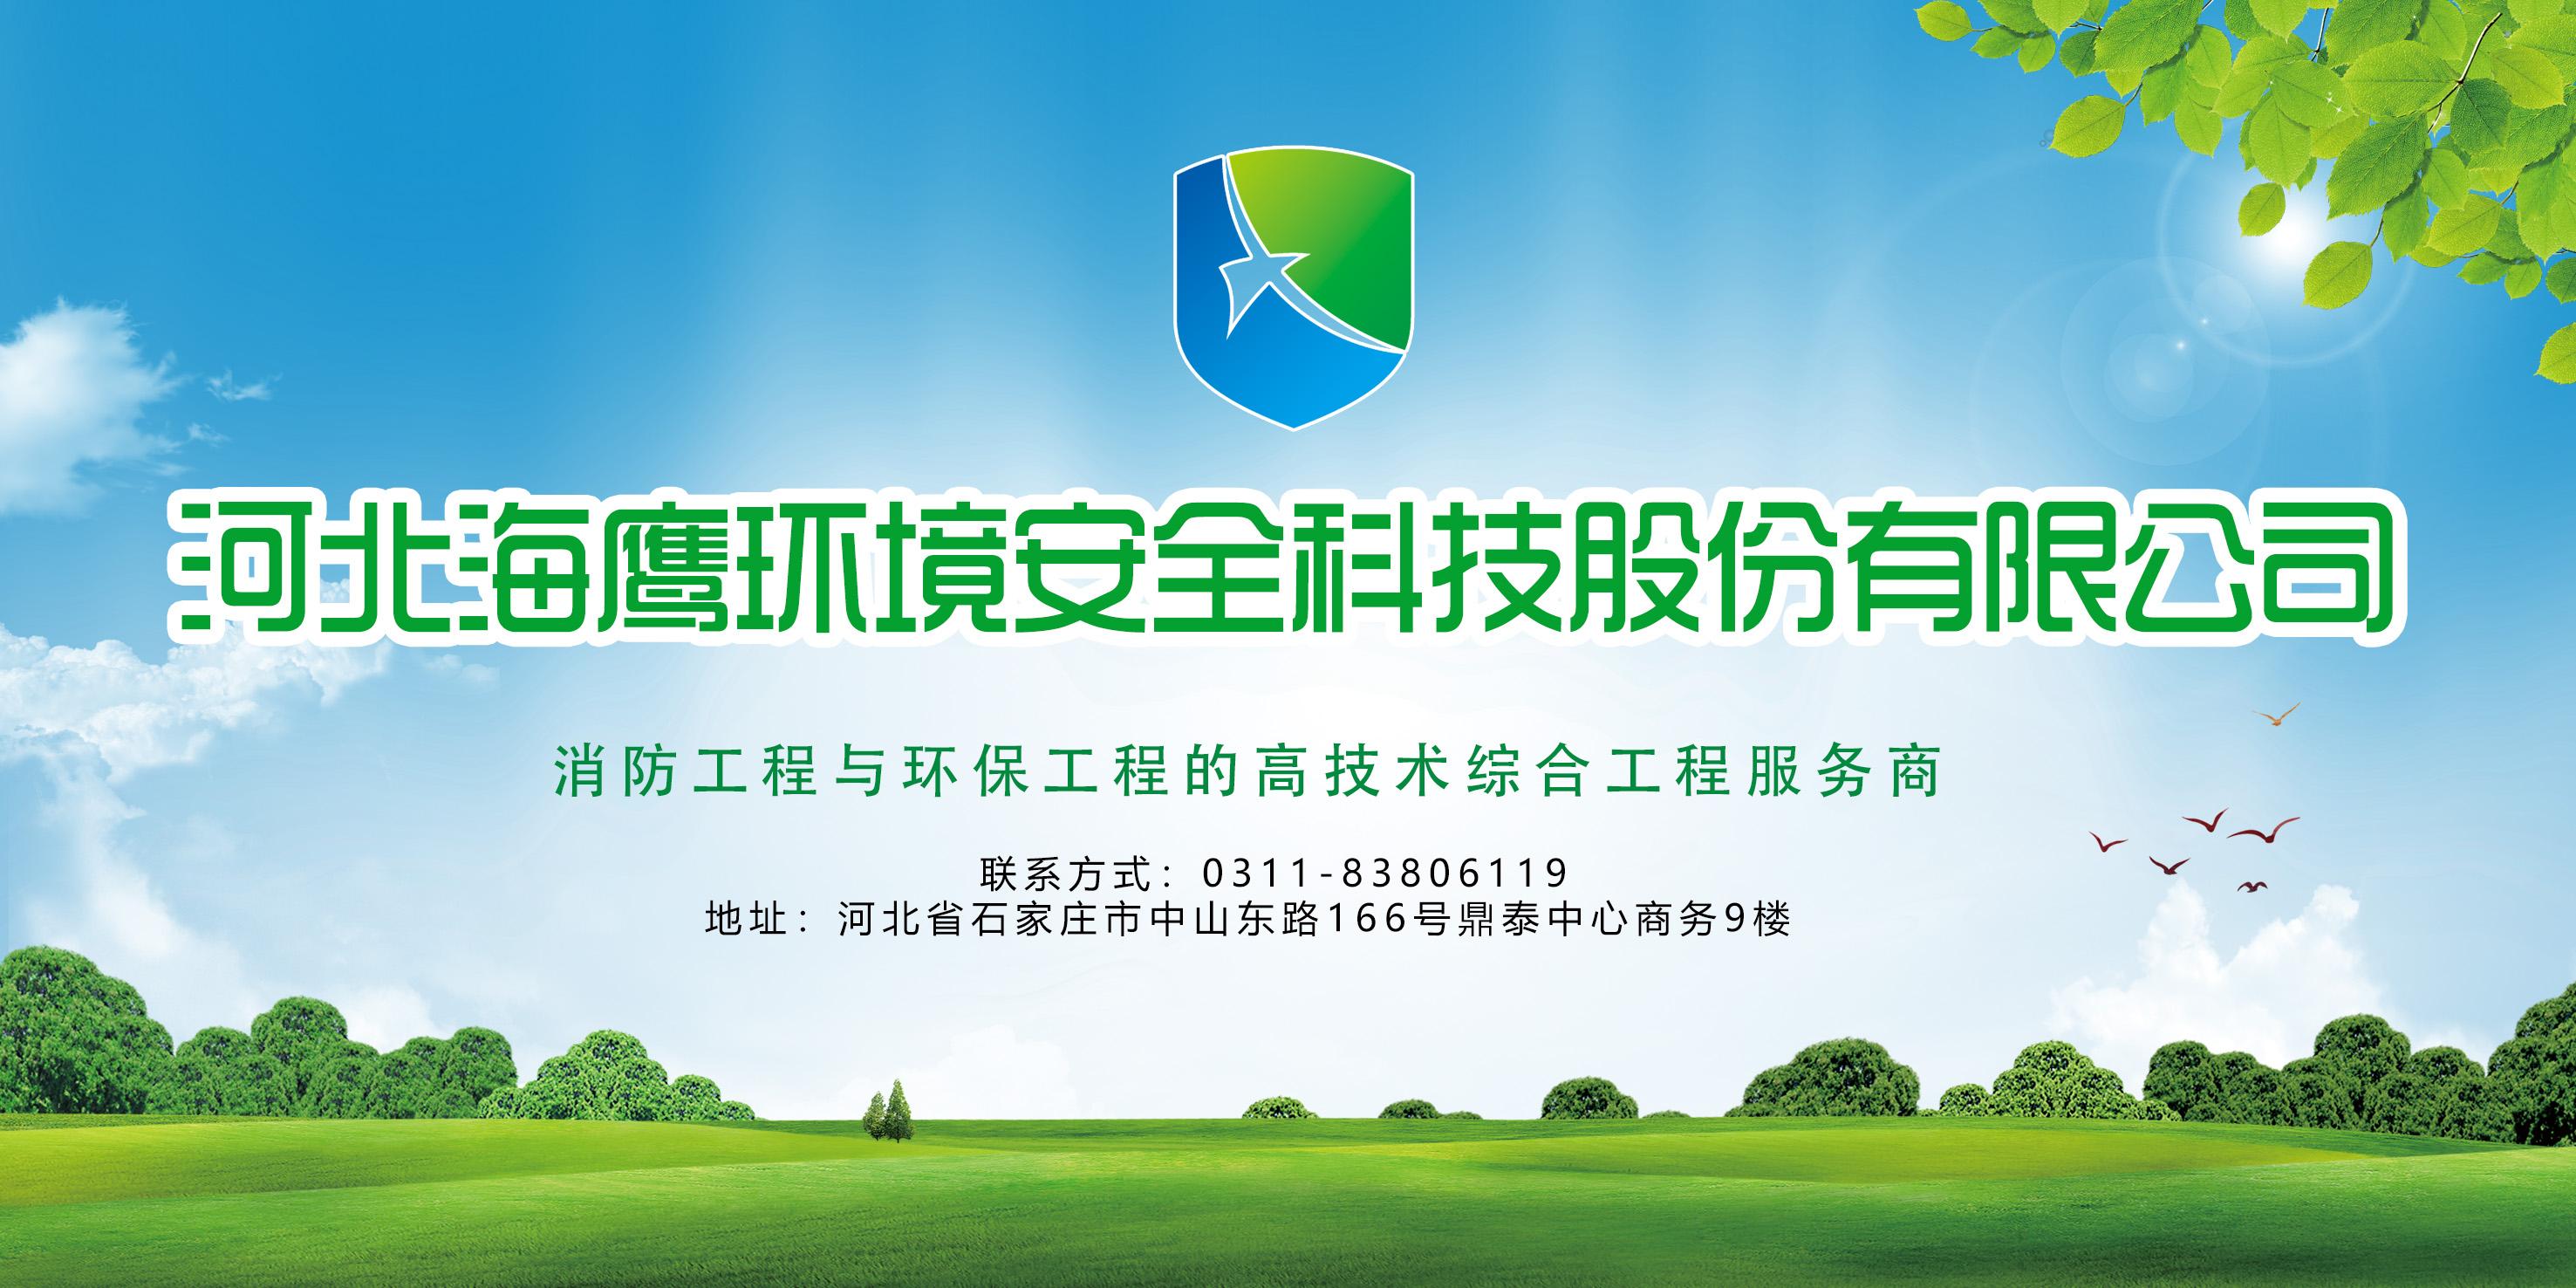 生态环境部党组书记孙金龙在《人民日报》发表署名文章《我国生态文明建设发生历史性转折性全局性变化》